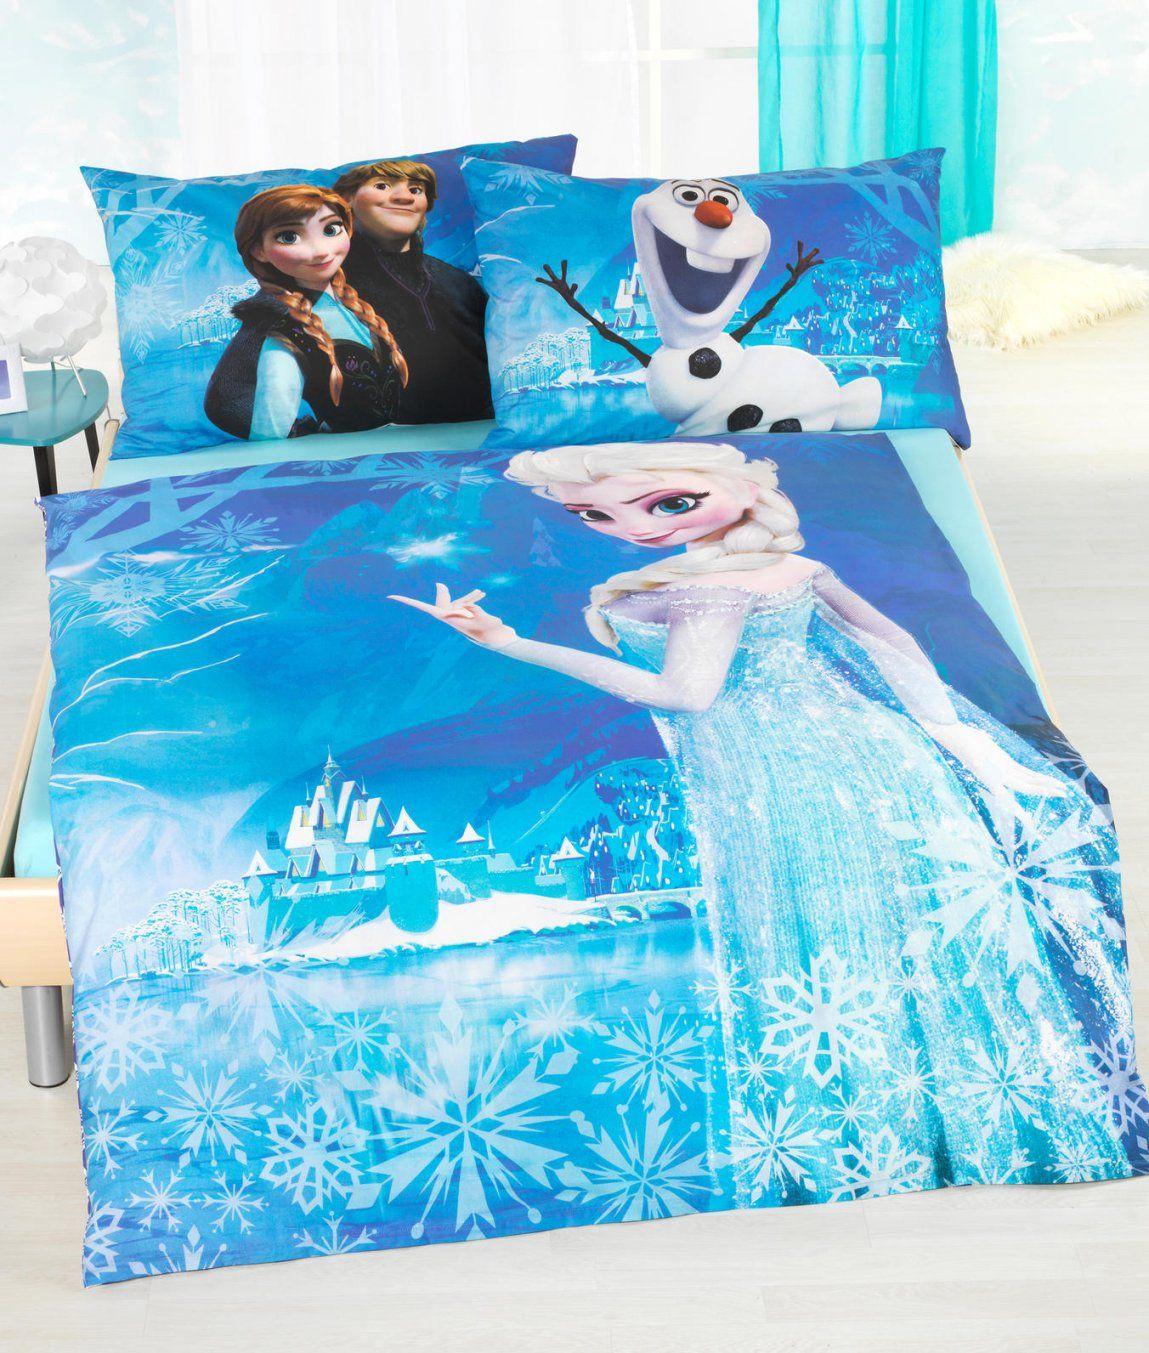 Kinderbettwäsche Garnitur Frozen Kaufen  Angela Bruderer Onlineshop von Frozen Bettwäsche Aldi Bild